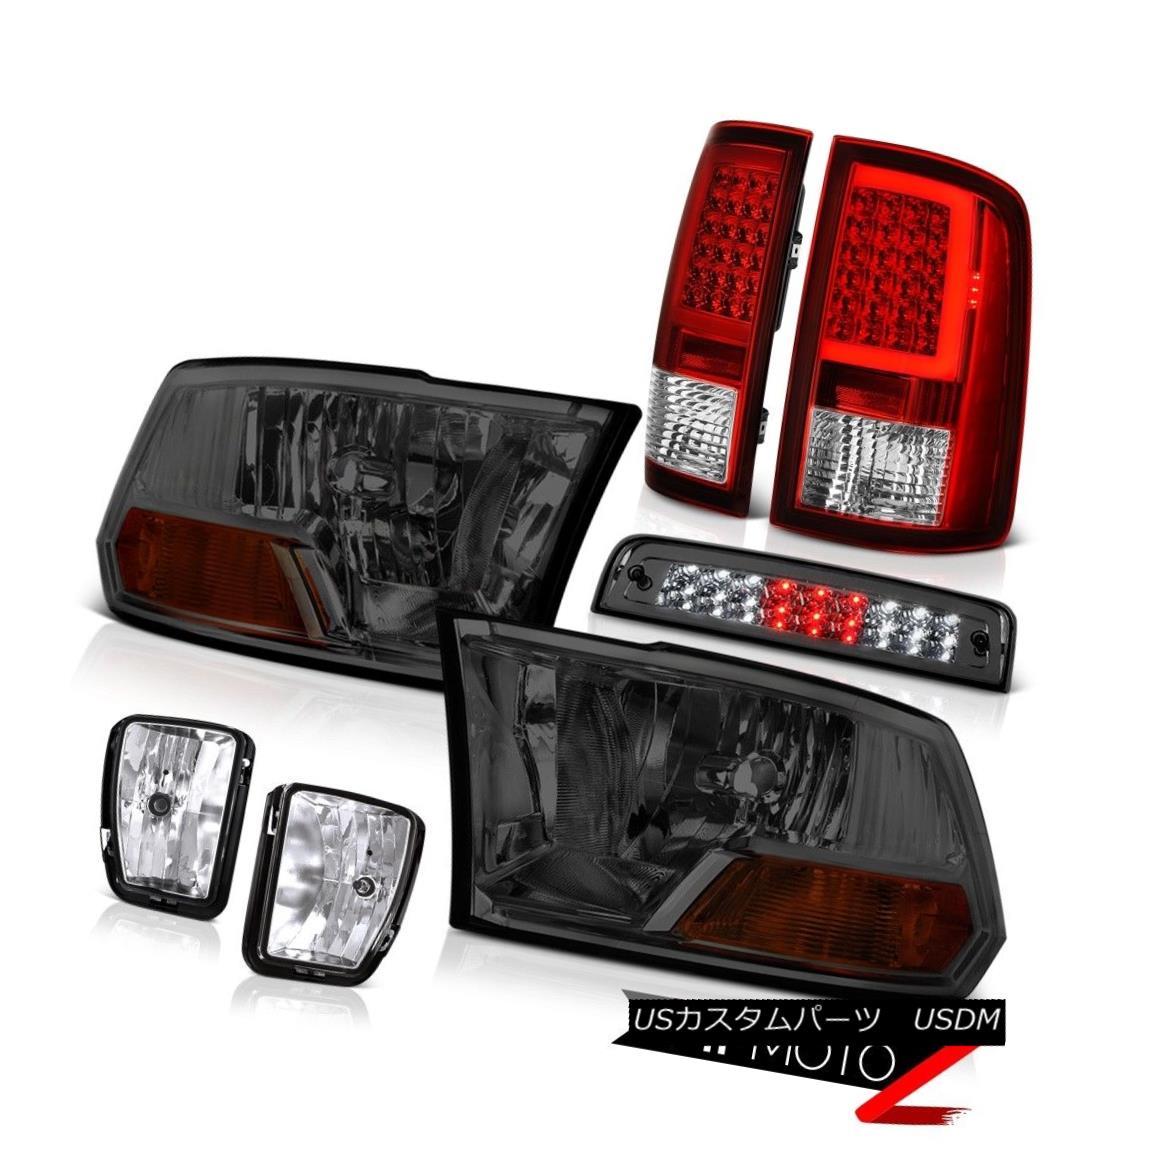 テールライト 13-18 RAM 1500 Tail Lamps Brake Lights Fog Factory Style Headlight Assembly SET 13-18 RAM 1500テールランプブレーキライトフォグ工場スタイルヘッドライトアセンブリSET